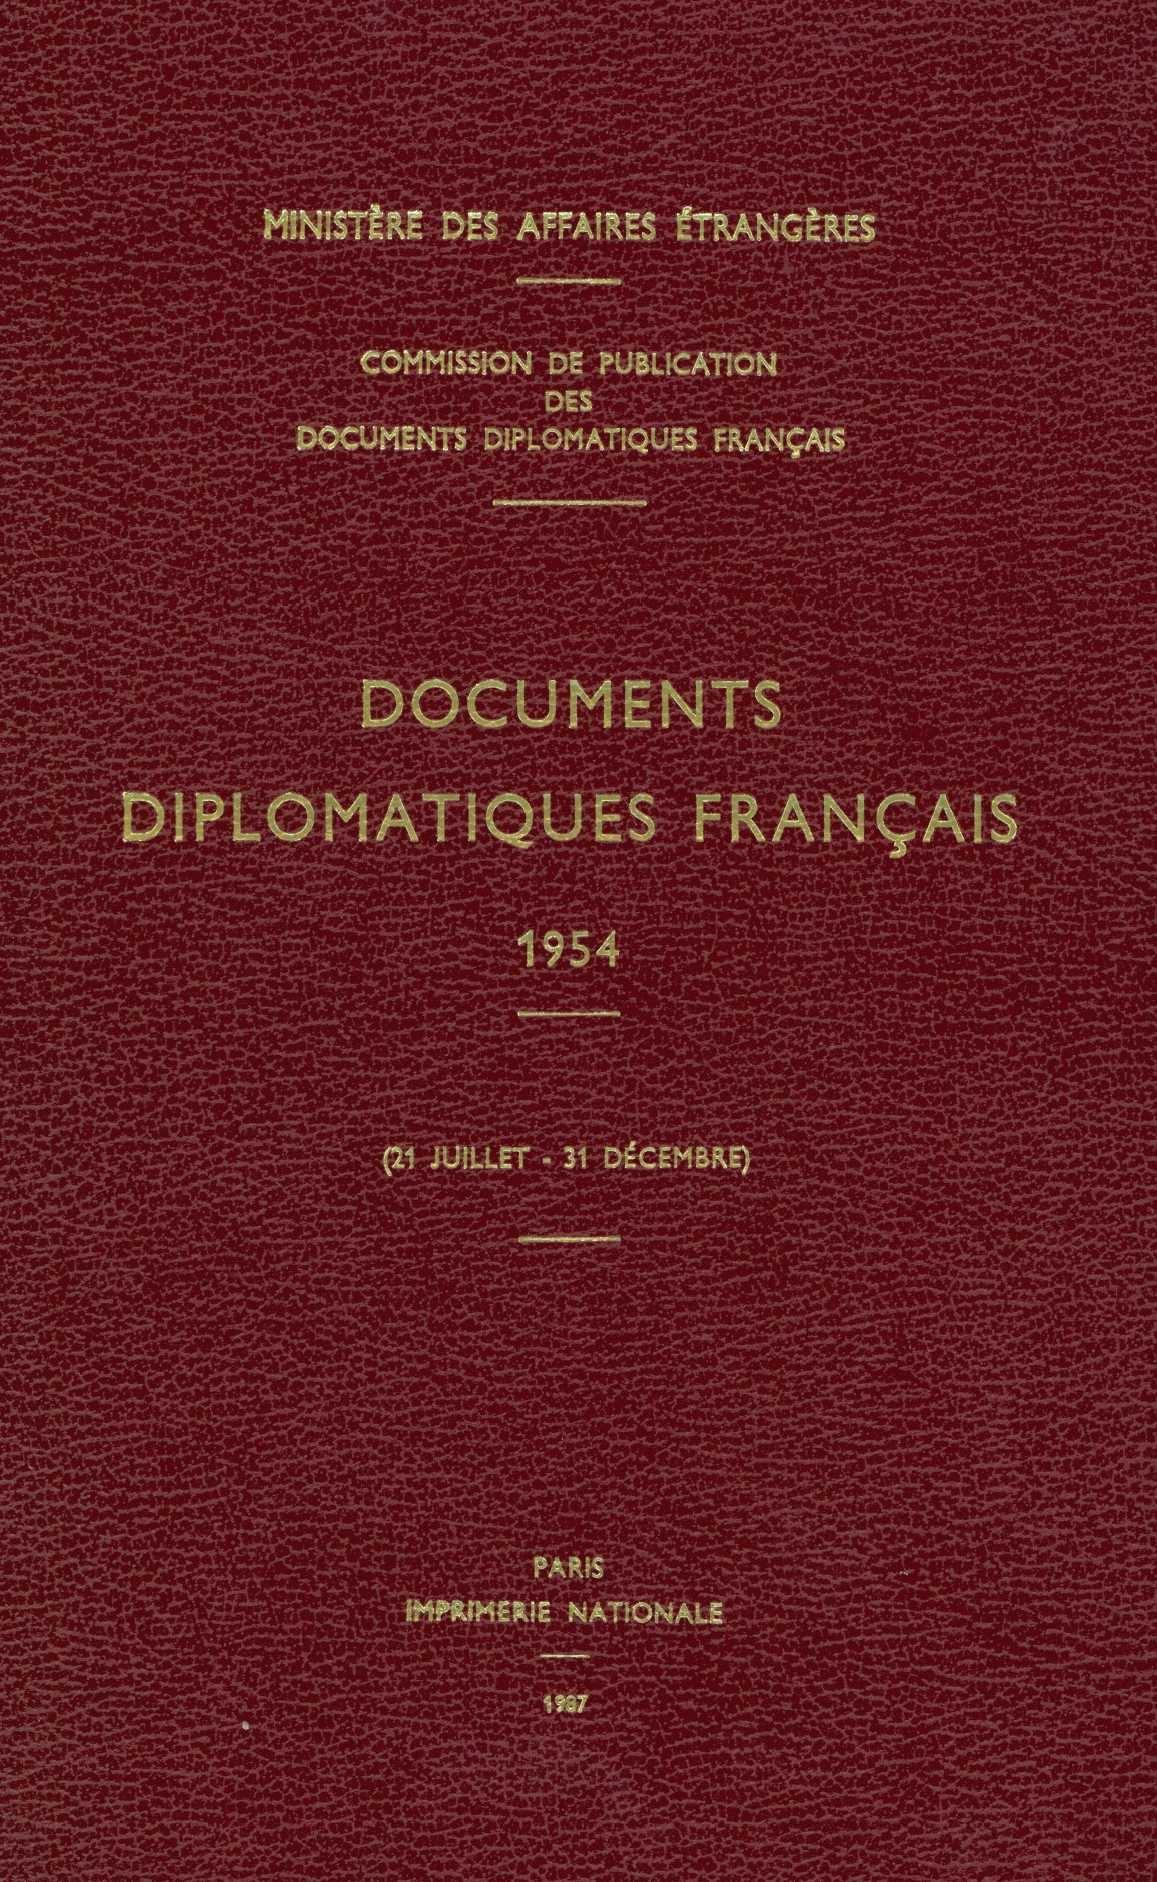 DOCUMENTS DIPLOMATIQUES FRANCAIS - 1954 (21 JUILLET - 31 DECEMBRE)